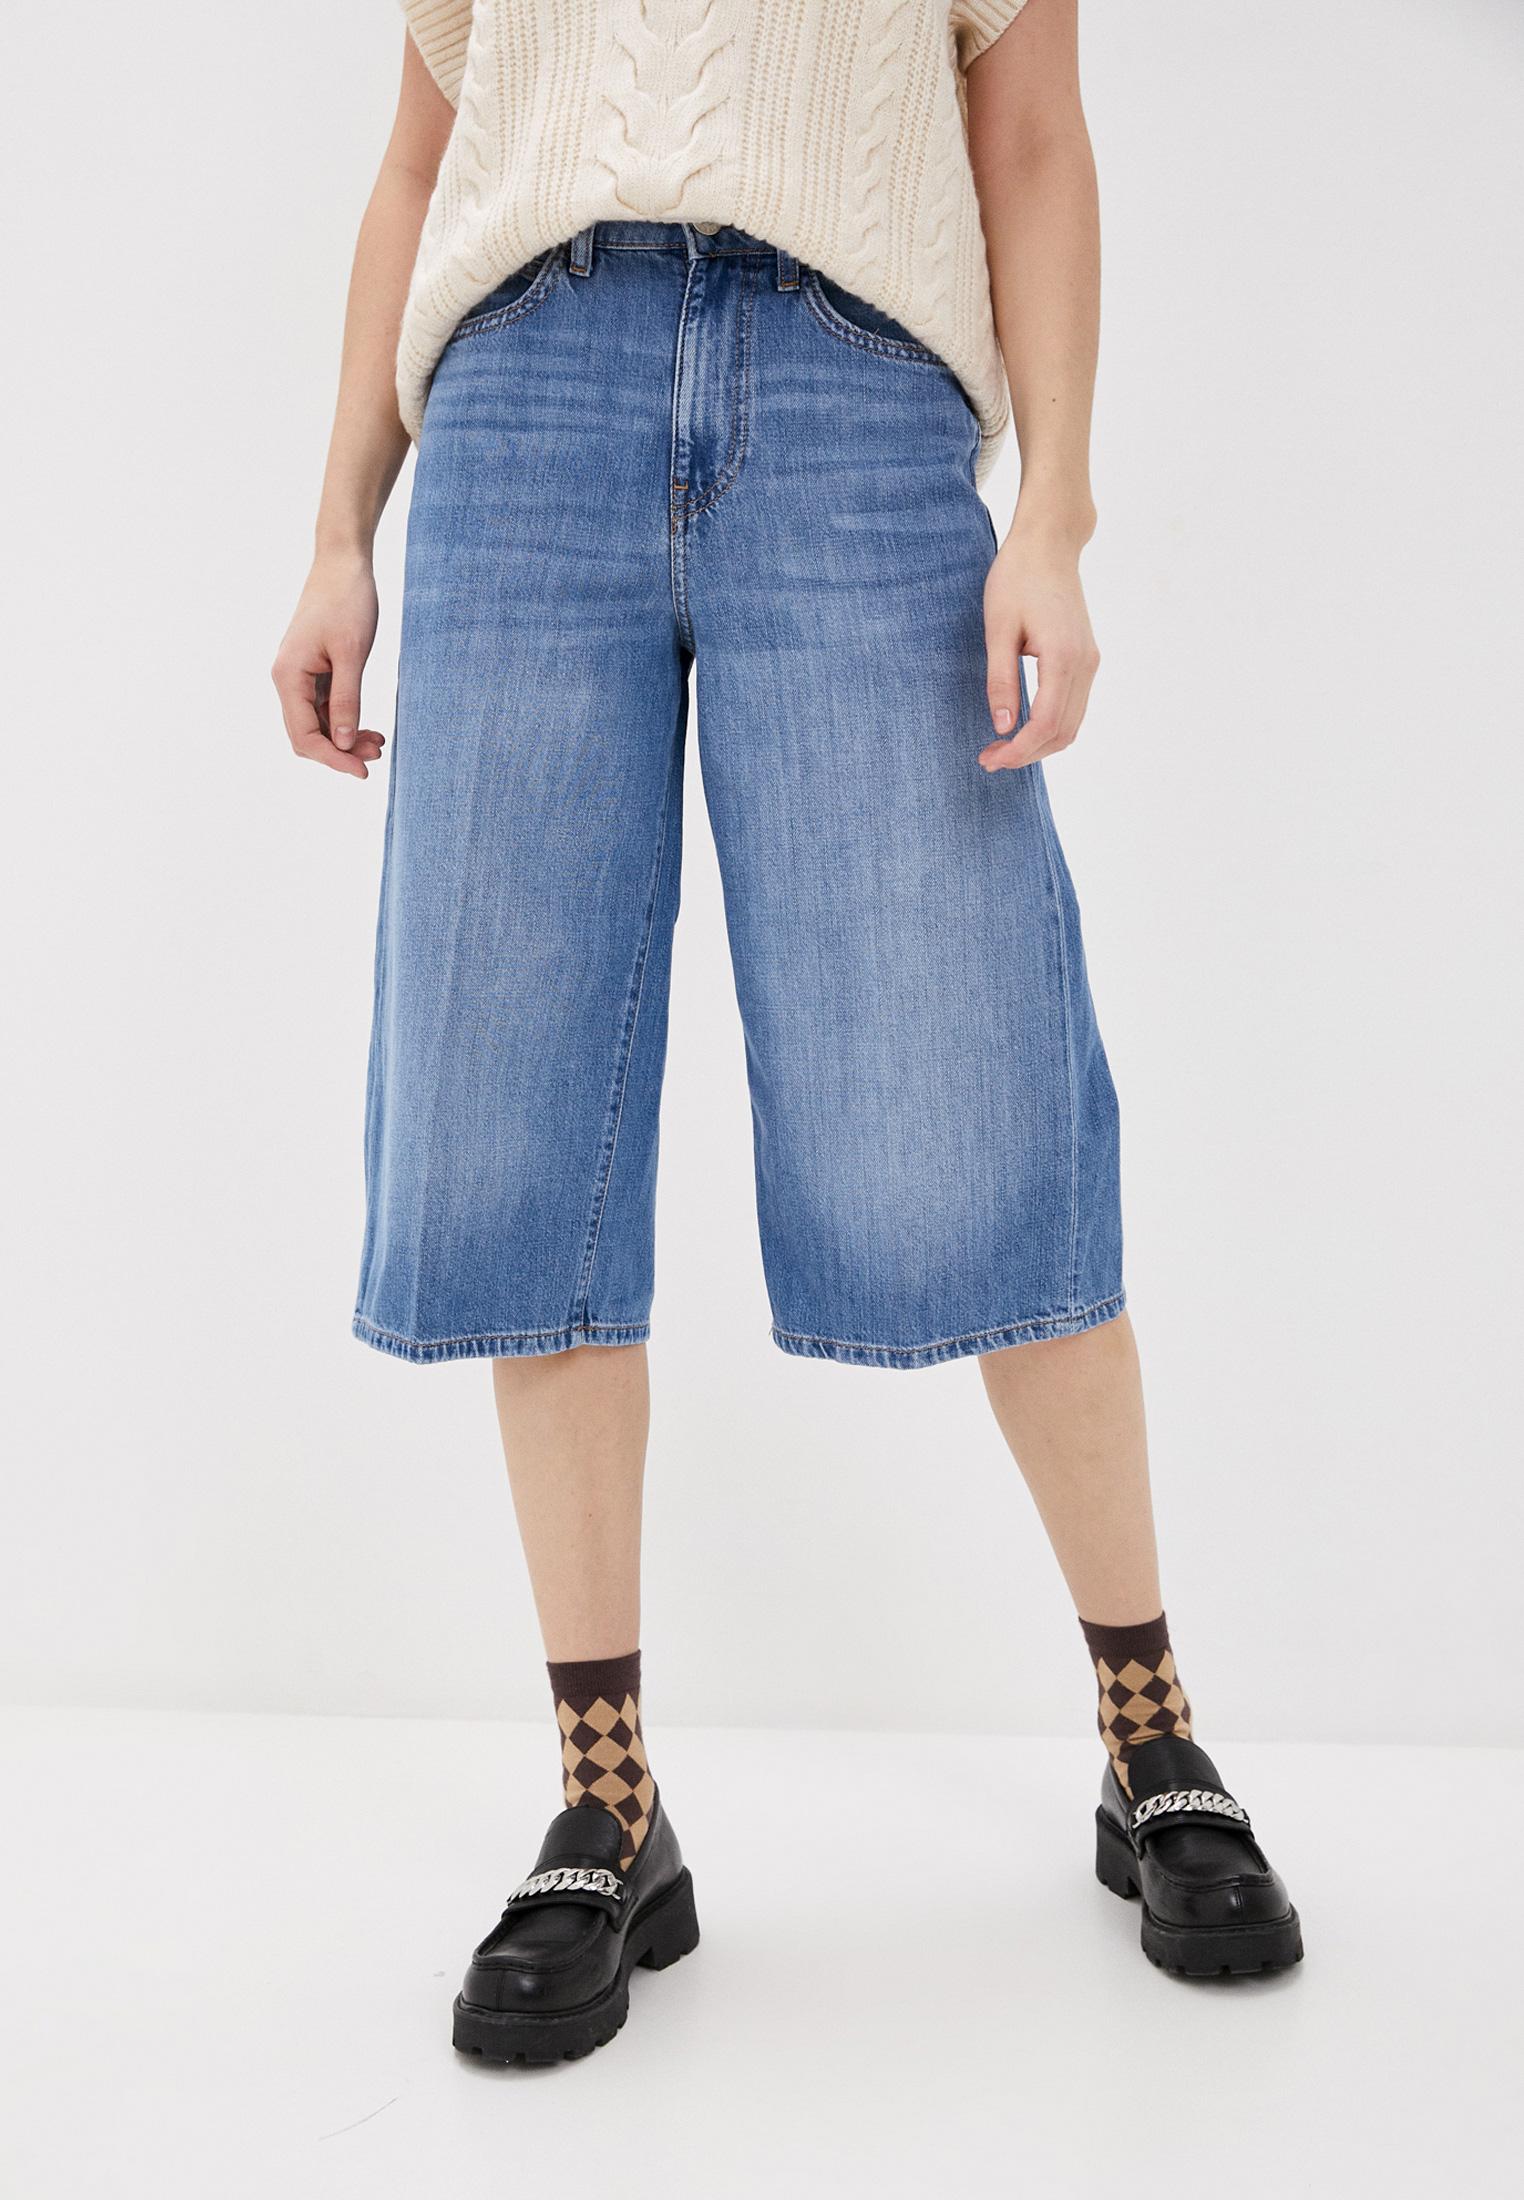 Широкие и расклешенные джинсы Marks & Spencer Джинсы Marks & Spencer